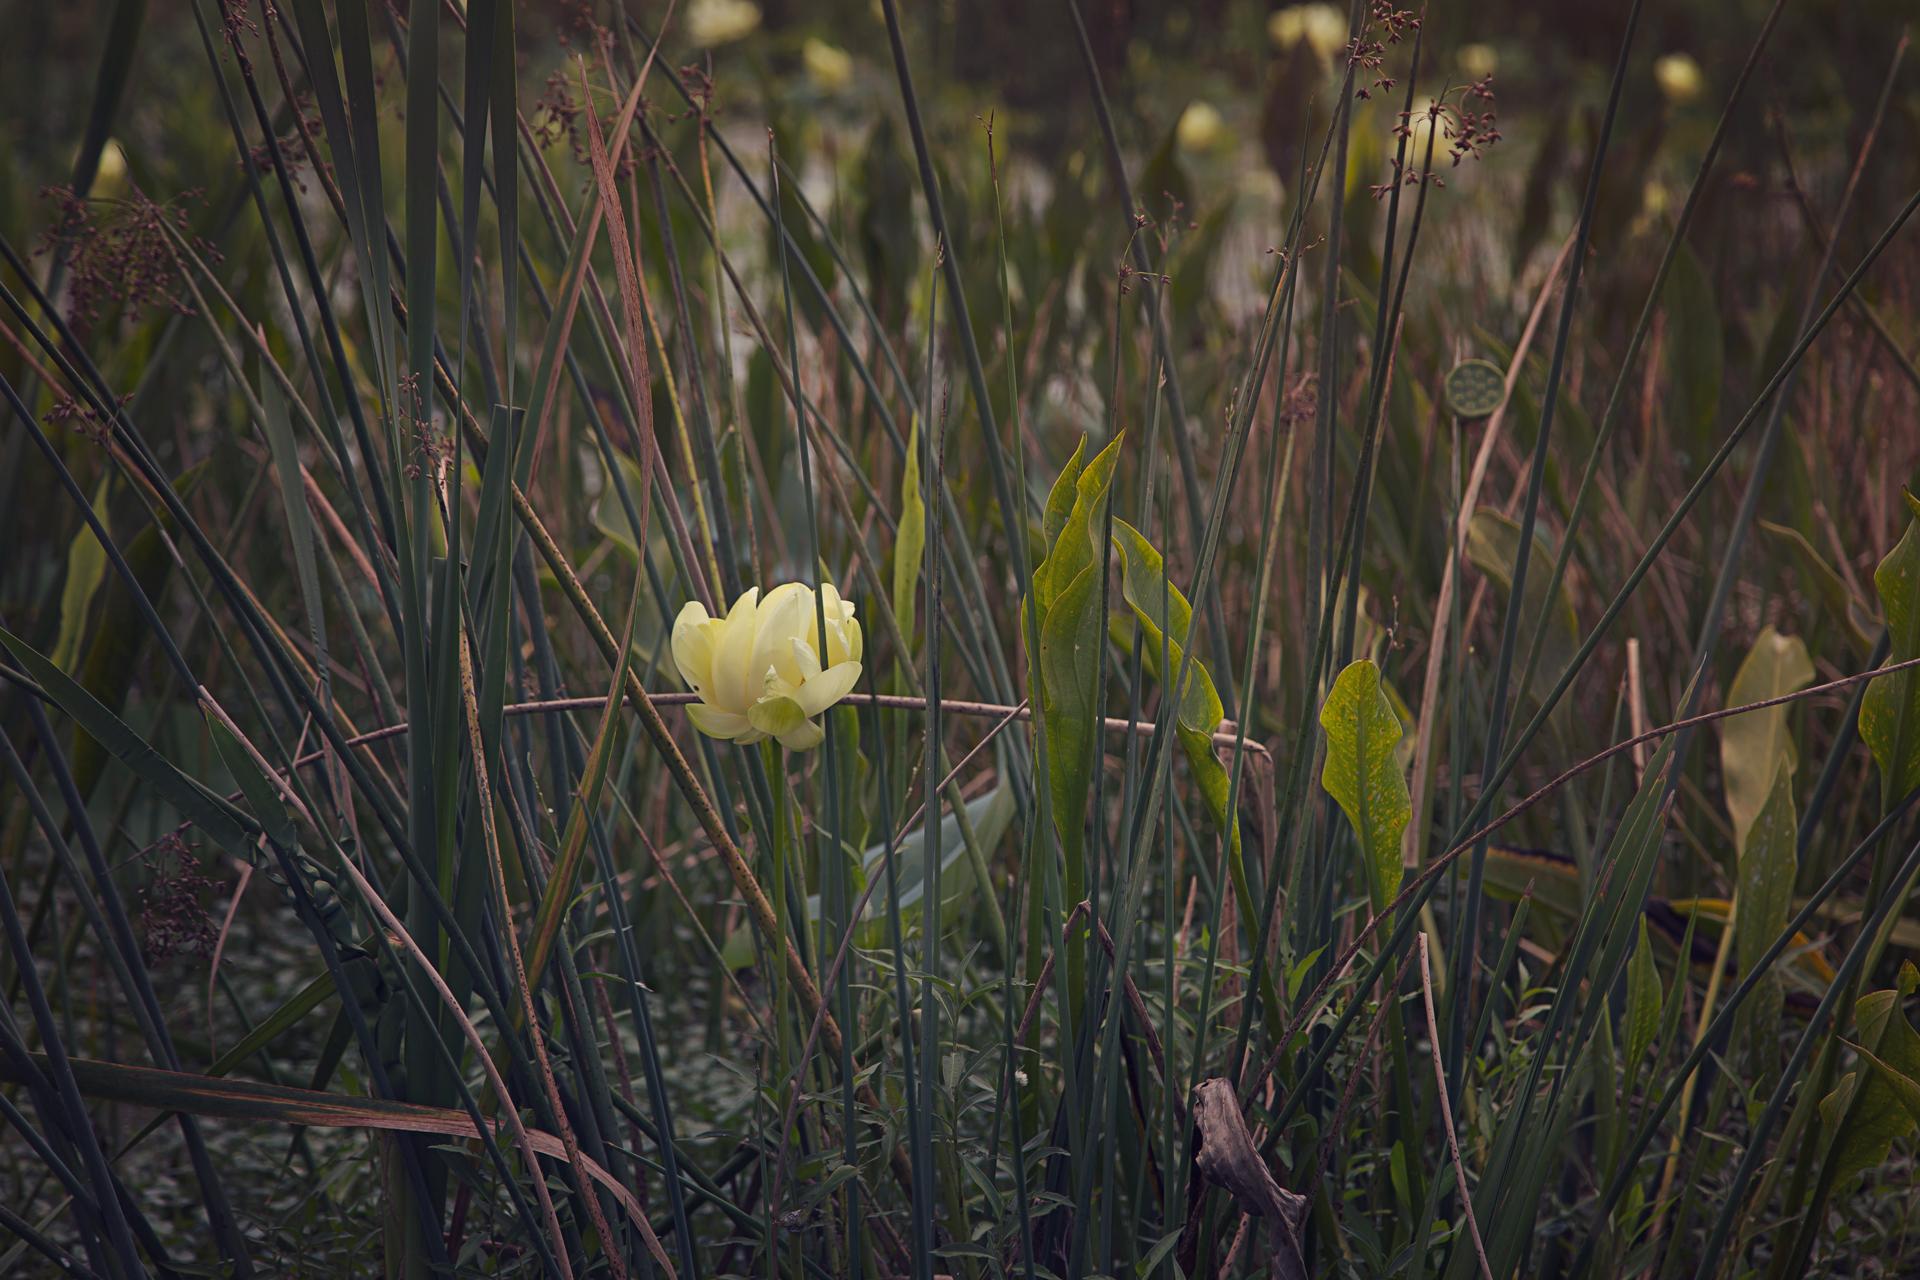 sweetwater-branch-sheet-flow-gainesville-paynes-prairie-patrick-sanders-12.jpg